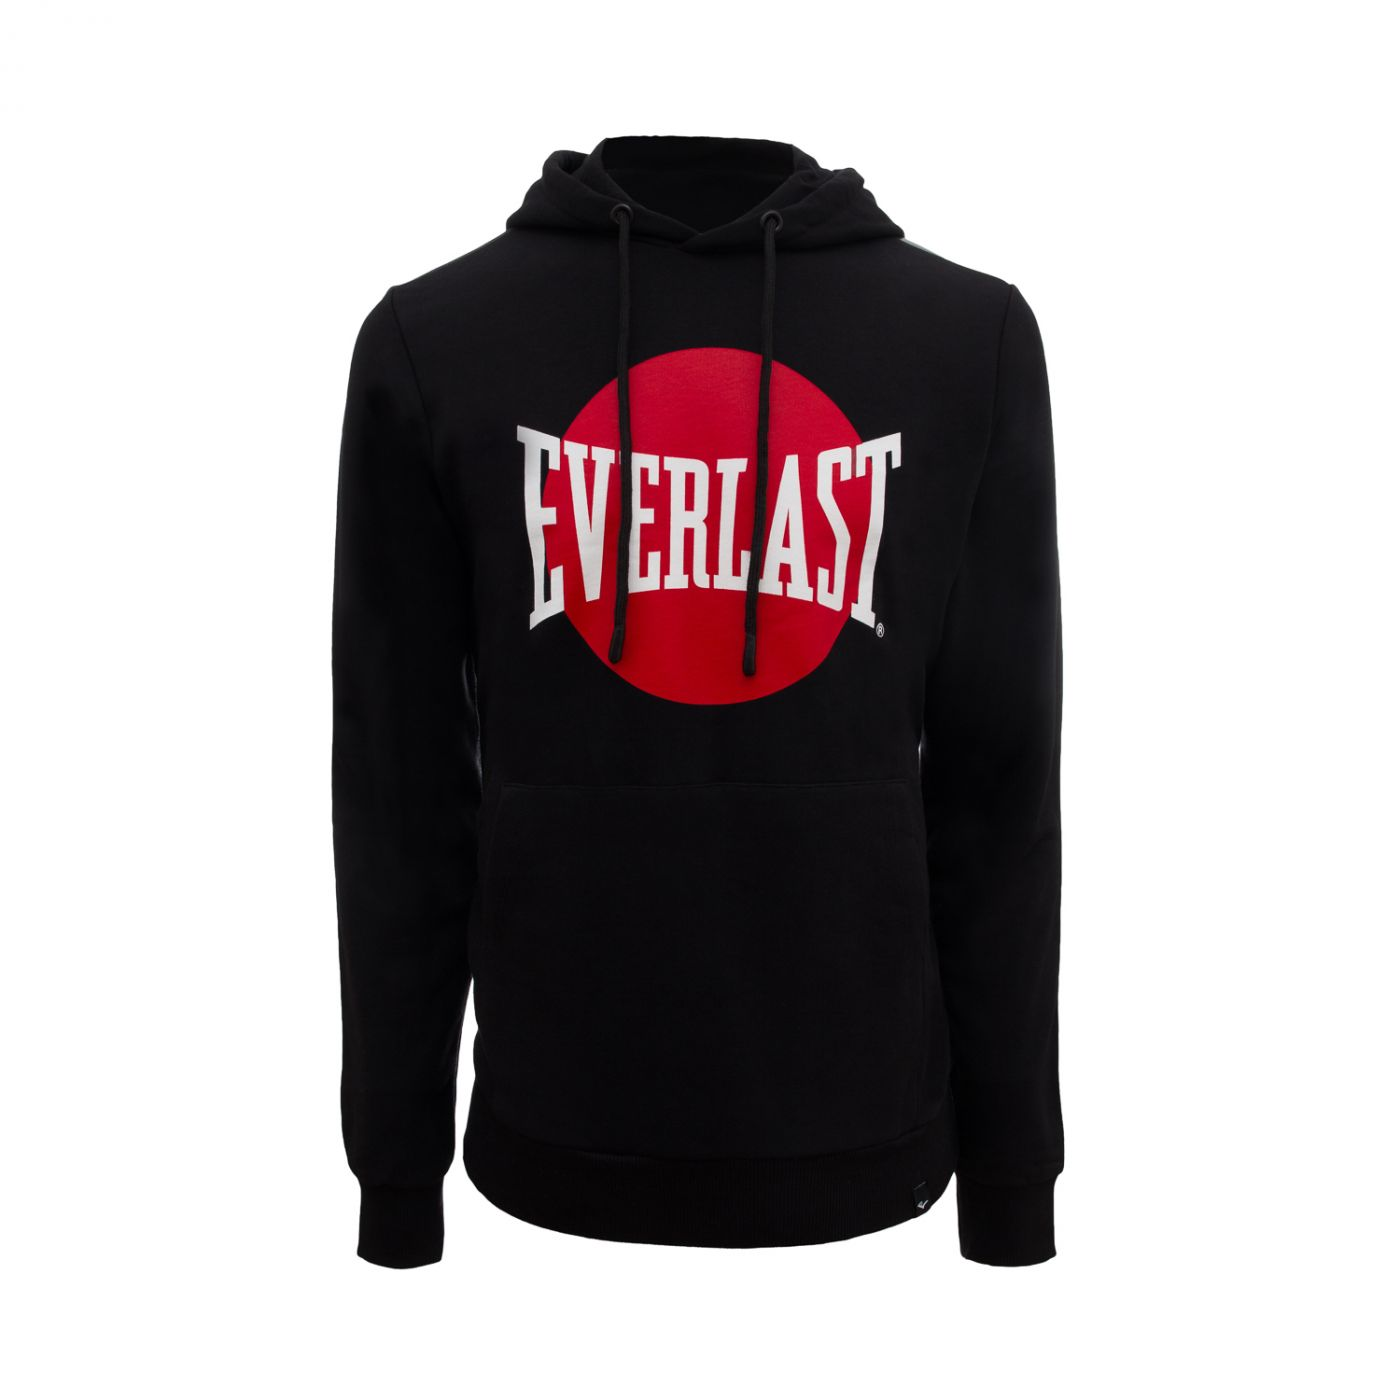 Толстовка Everlast с капюшоном Kobe, размер XL, чёрная, артикул 789350-60 XL BK